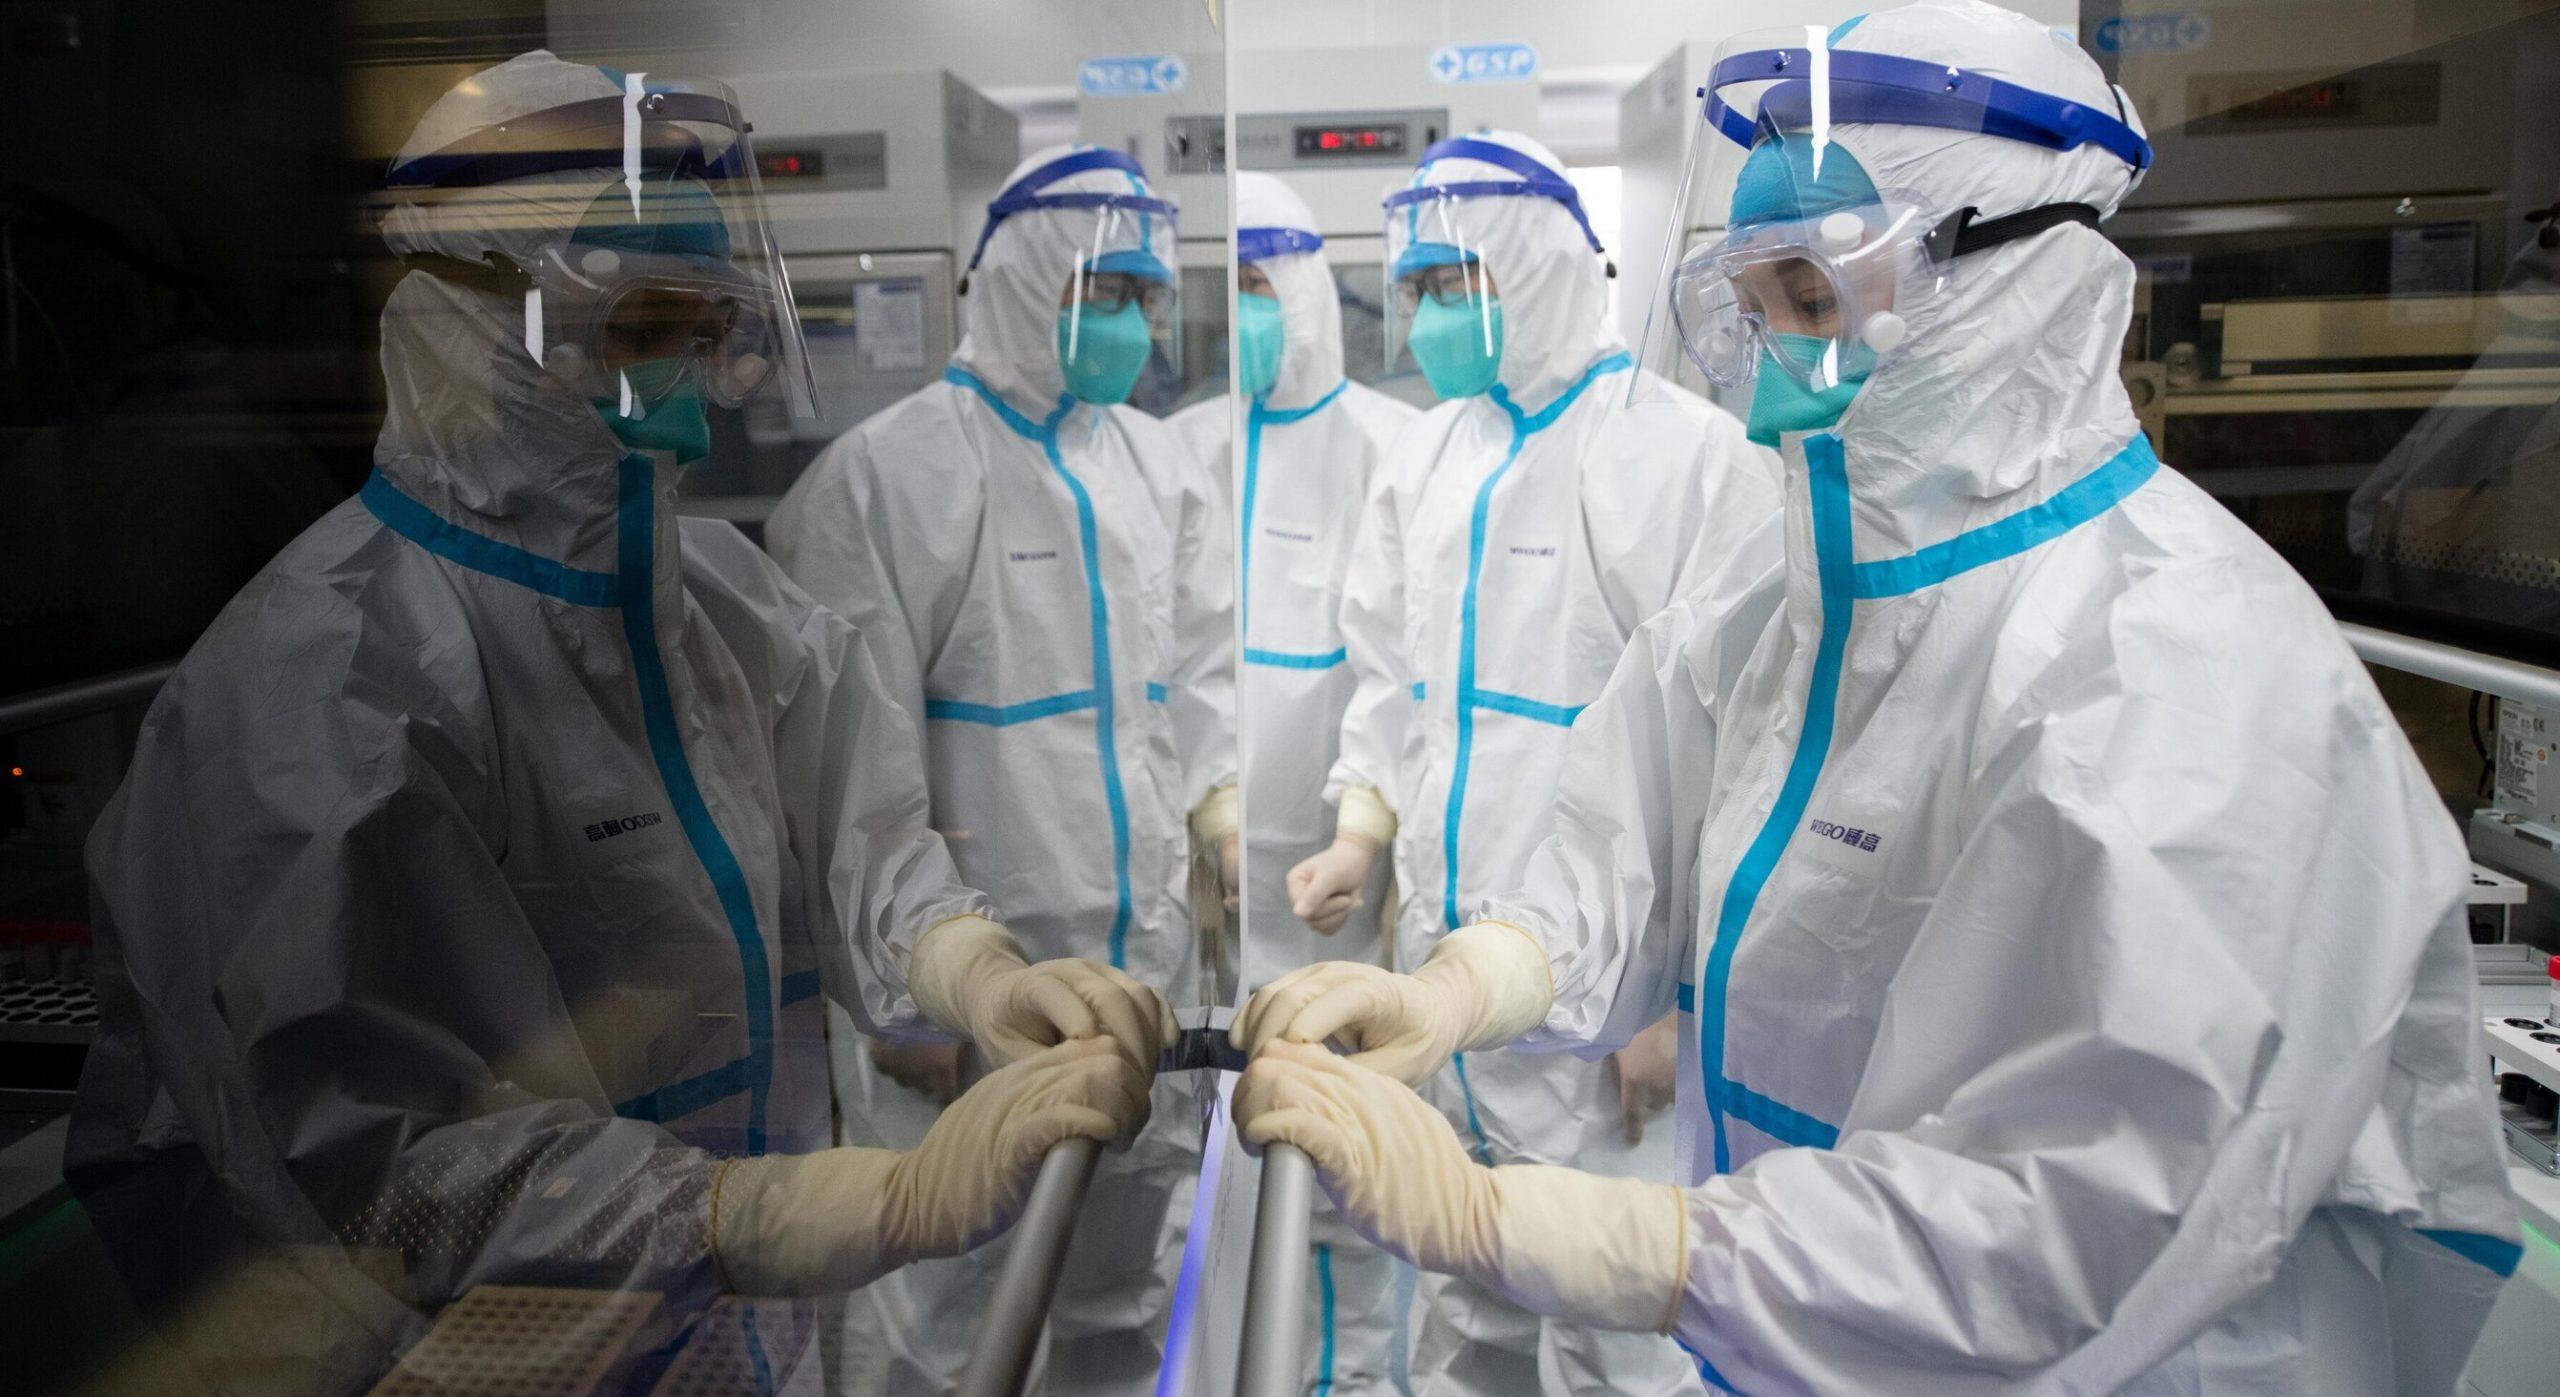 Marea Britanie organizează un studiu în care participanții vor fi infectați voluntar cu SARS-Cov-2